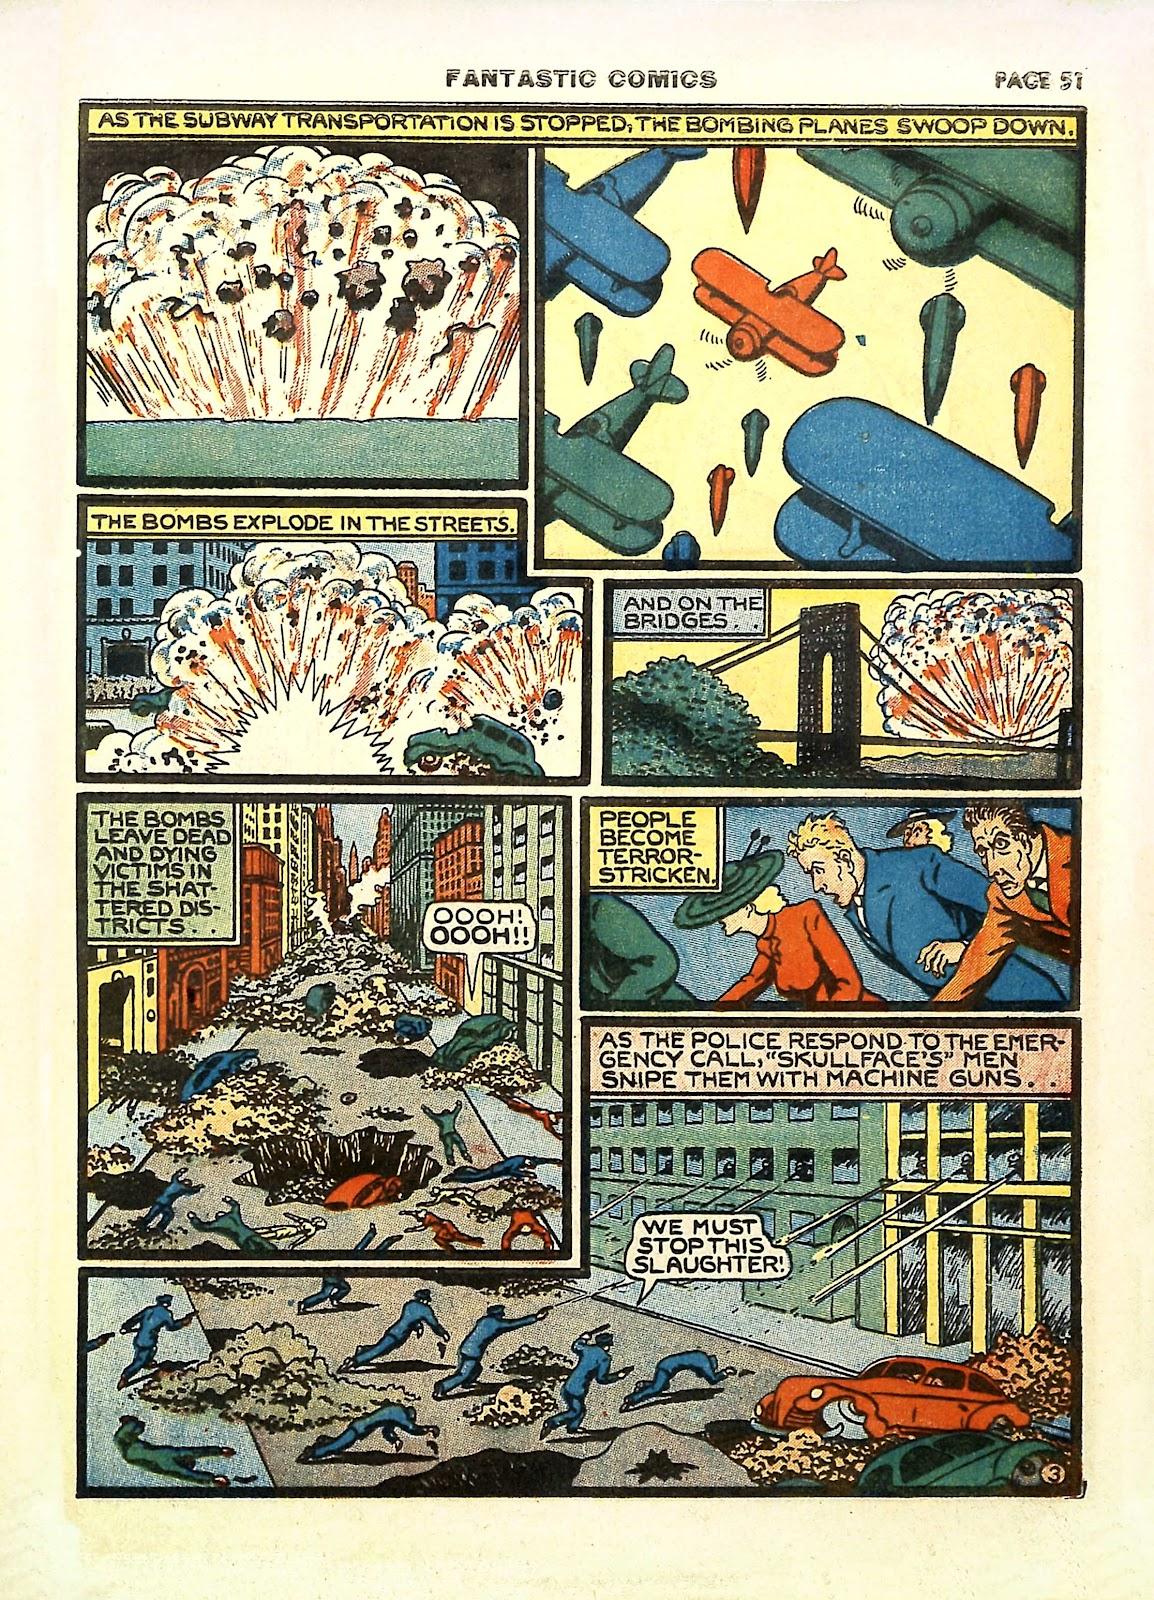 Read online Fantastic Comics comic -  Issue #11 - 54